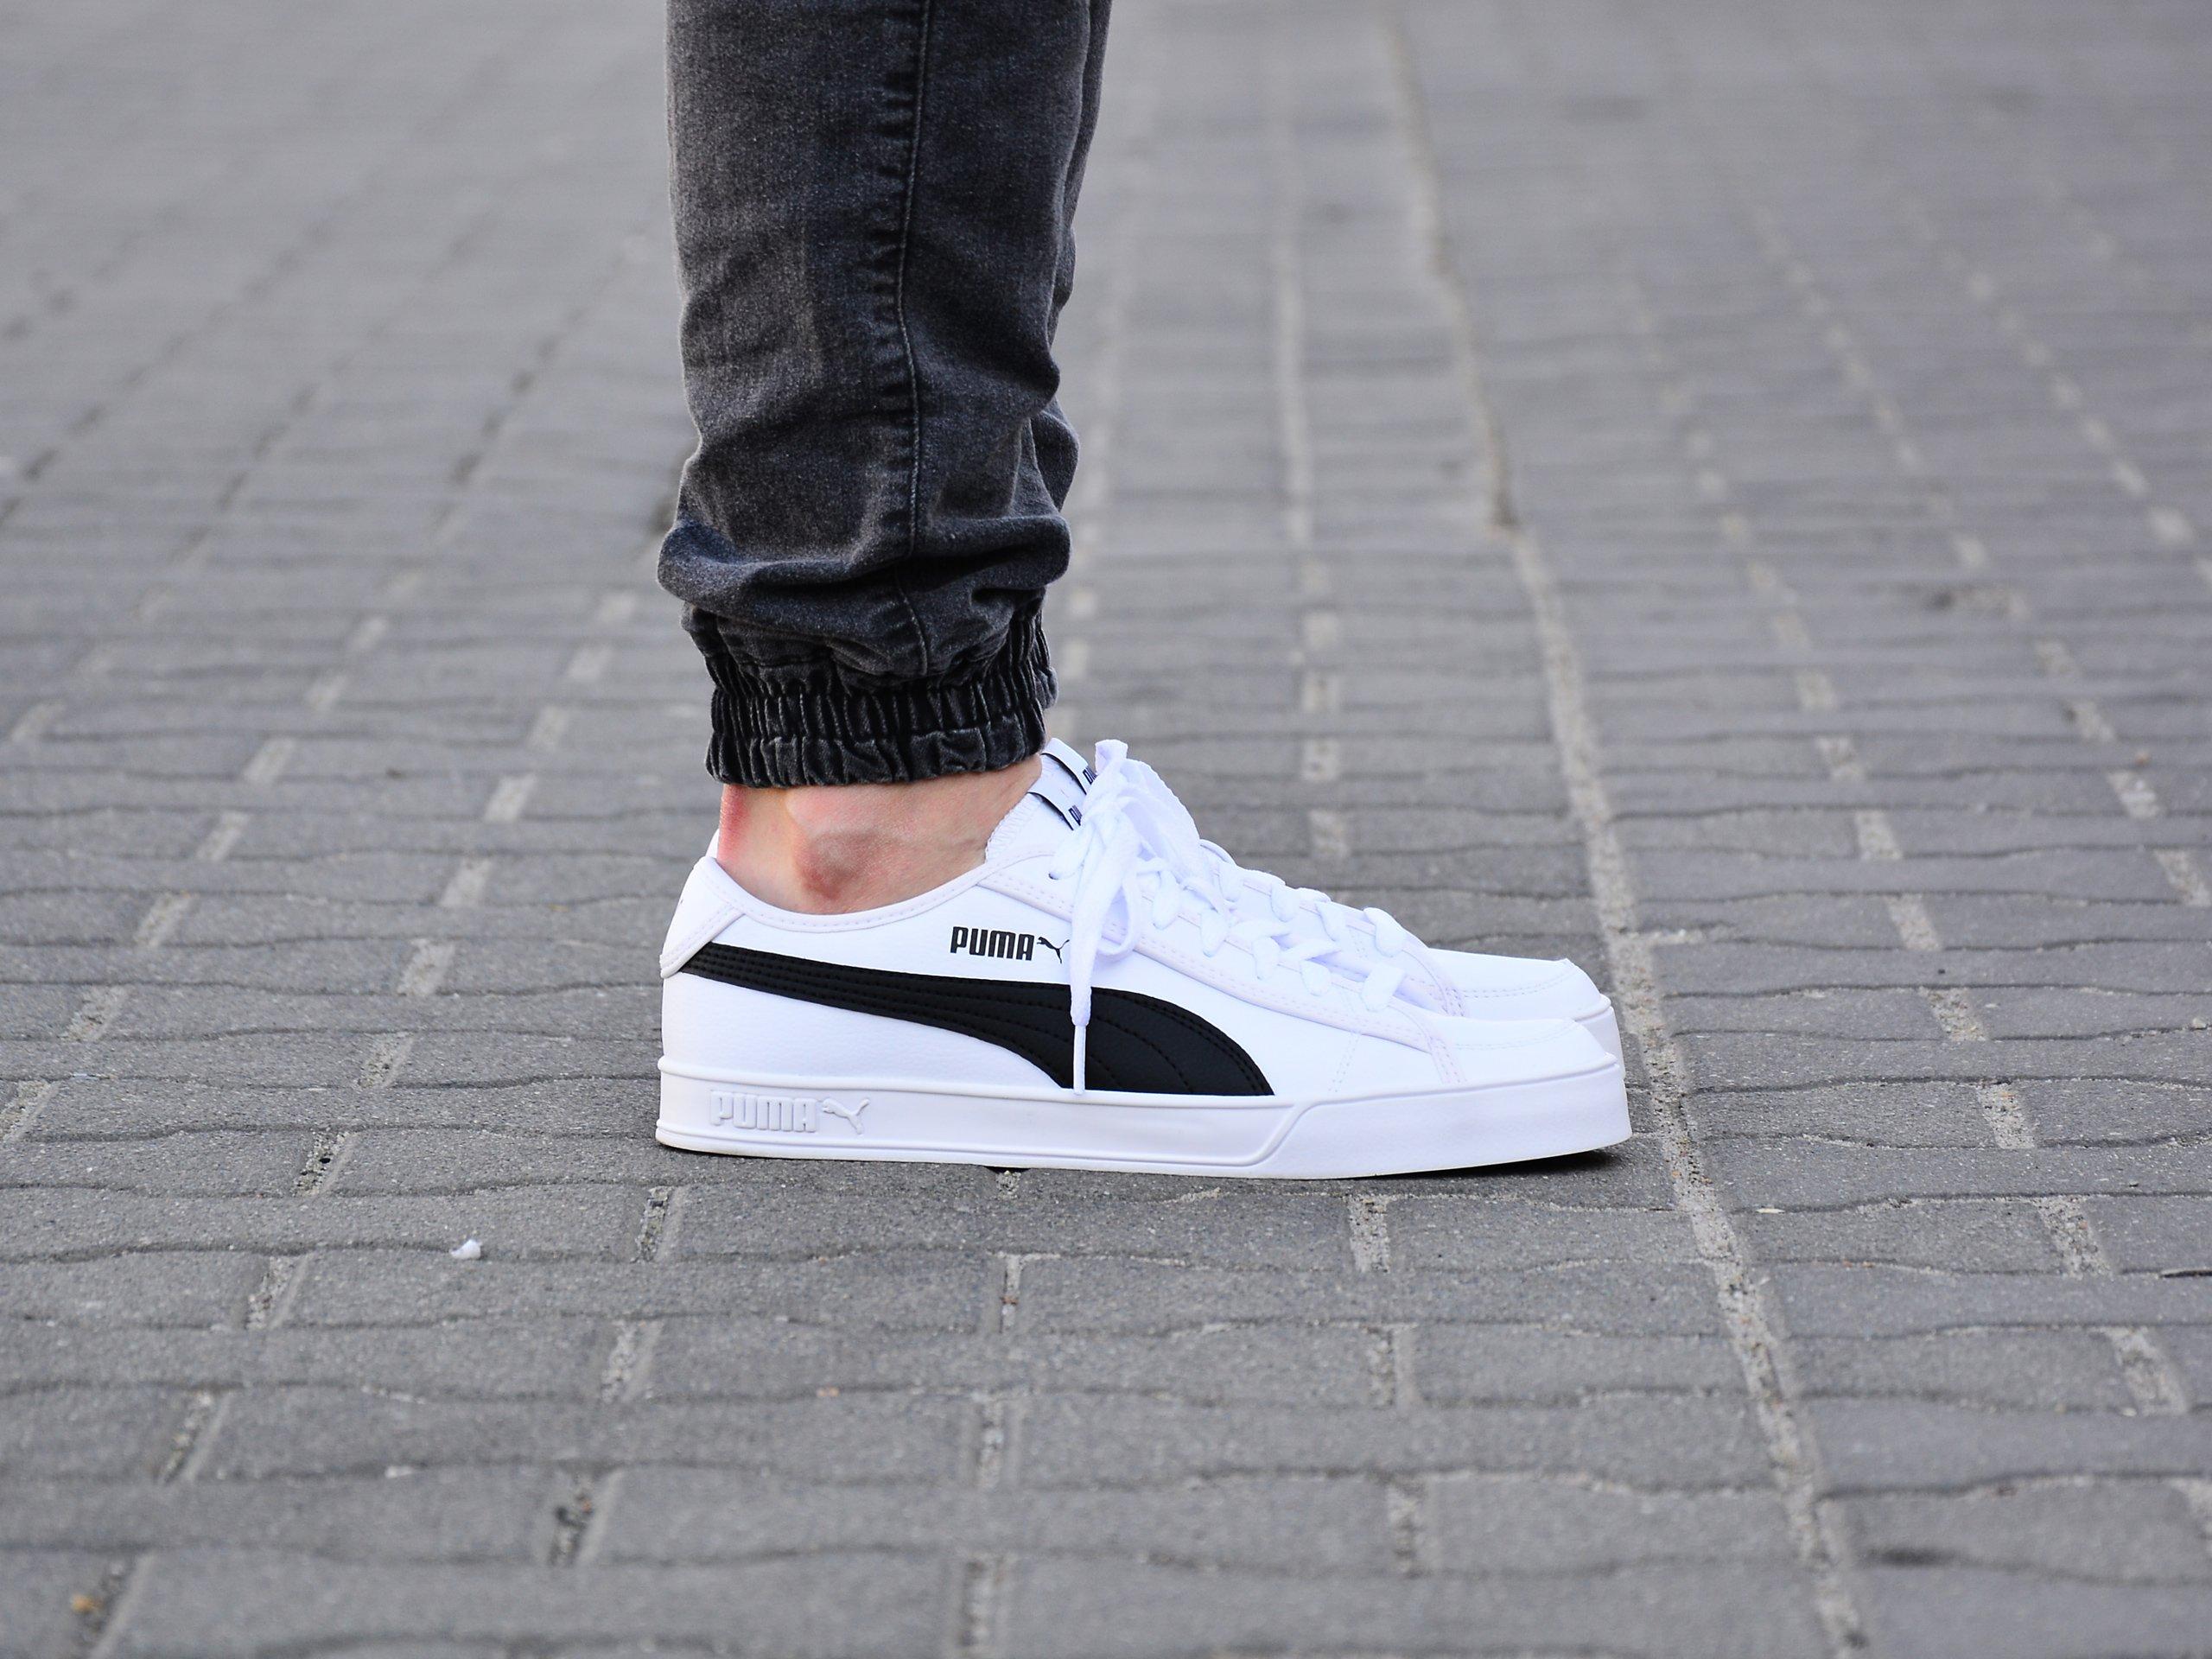 Puma - Smash v2 Vulc SL 367308-02 - Sneakers - White / Black ...